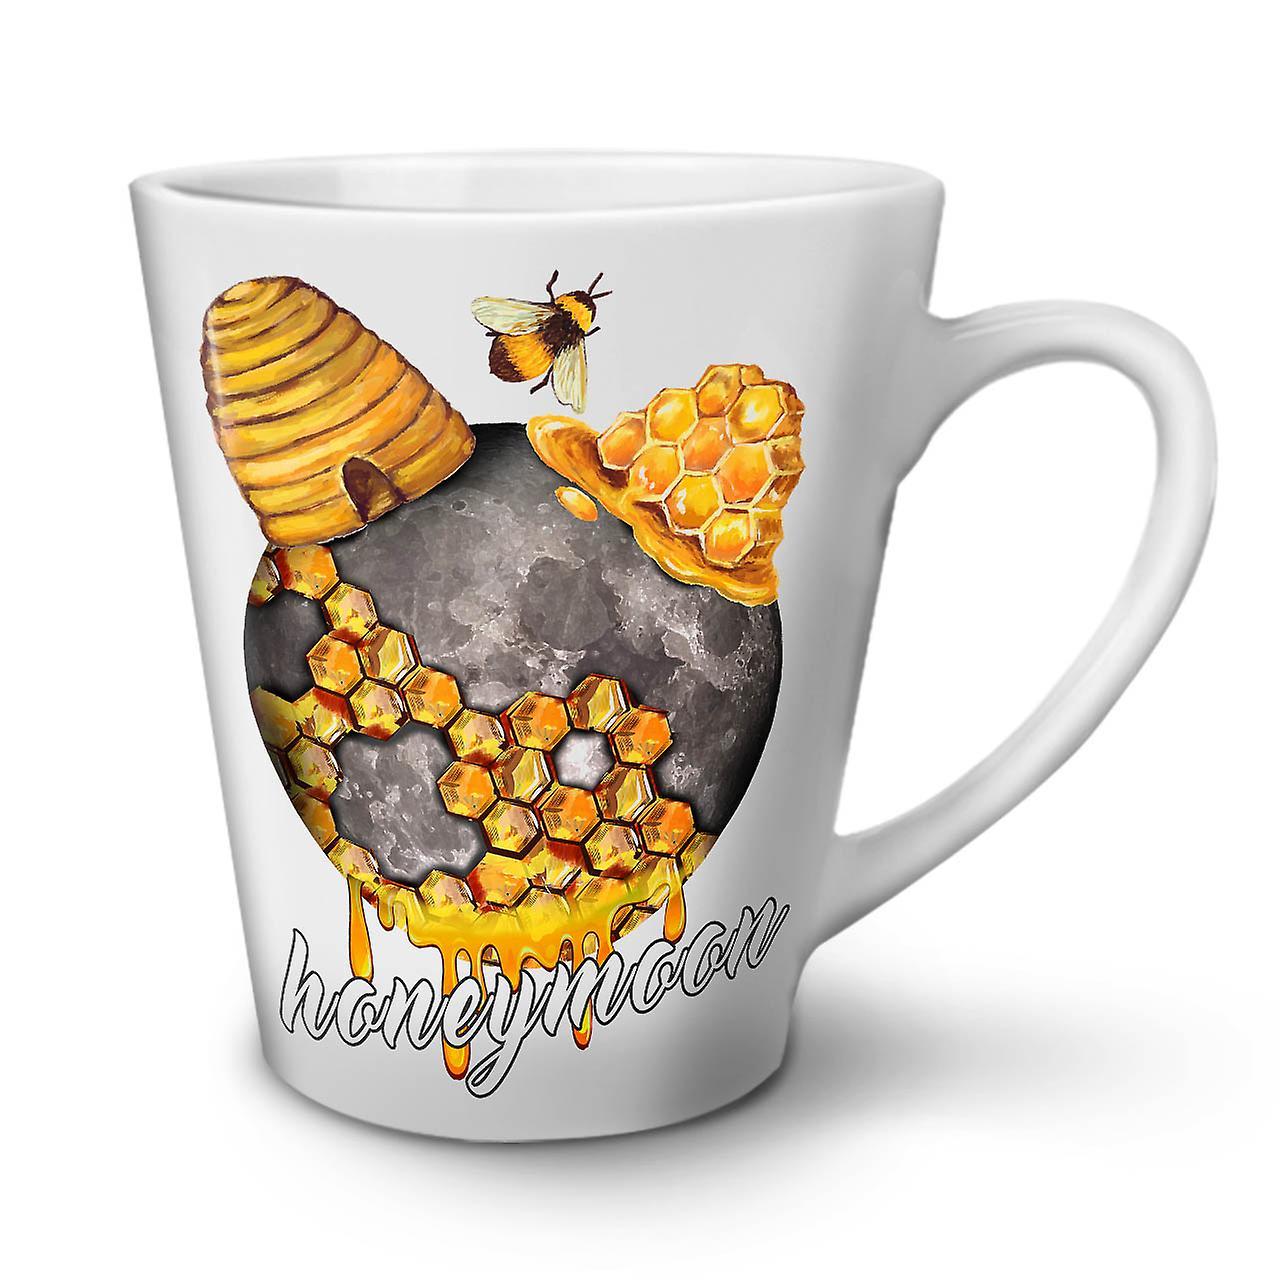 12 Latte En Mariage Céramique Forfait Café Lune Miel OzWellcoda Blanche De Nouvelle Tasse zLSGqUpMV